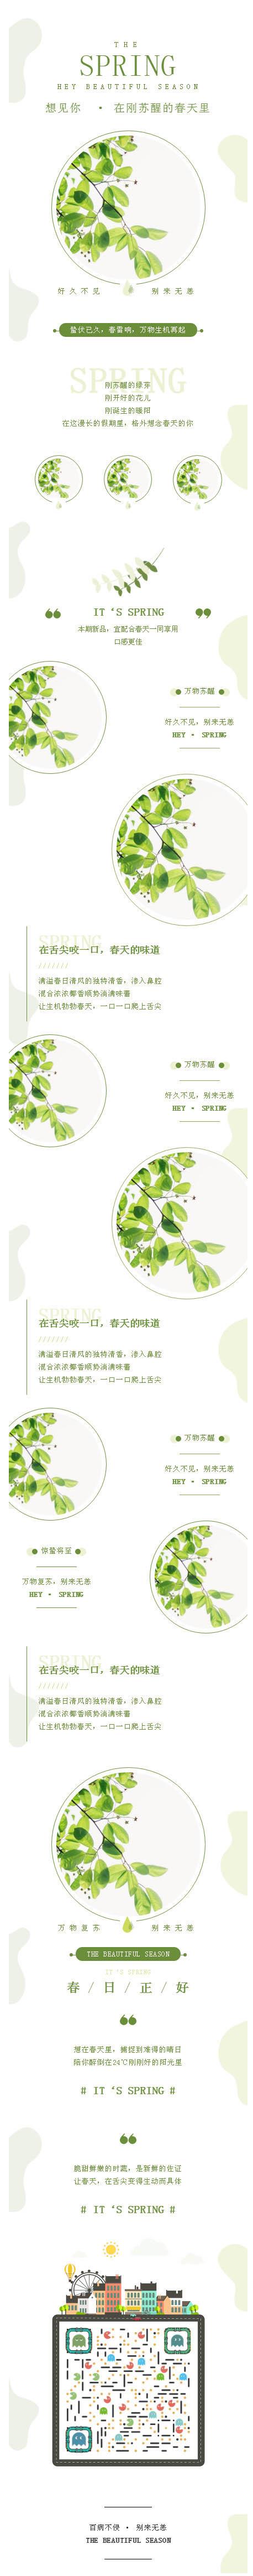 春天绿色简约风格诗歌微信公众号推文图文模板推文素材